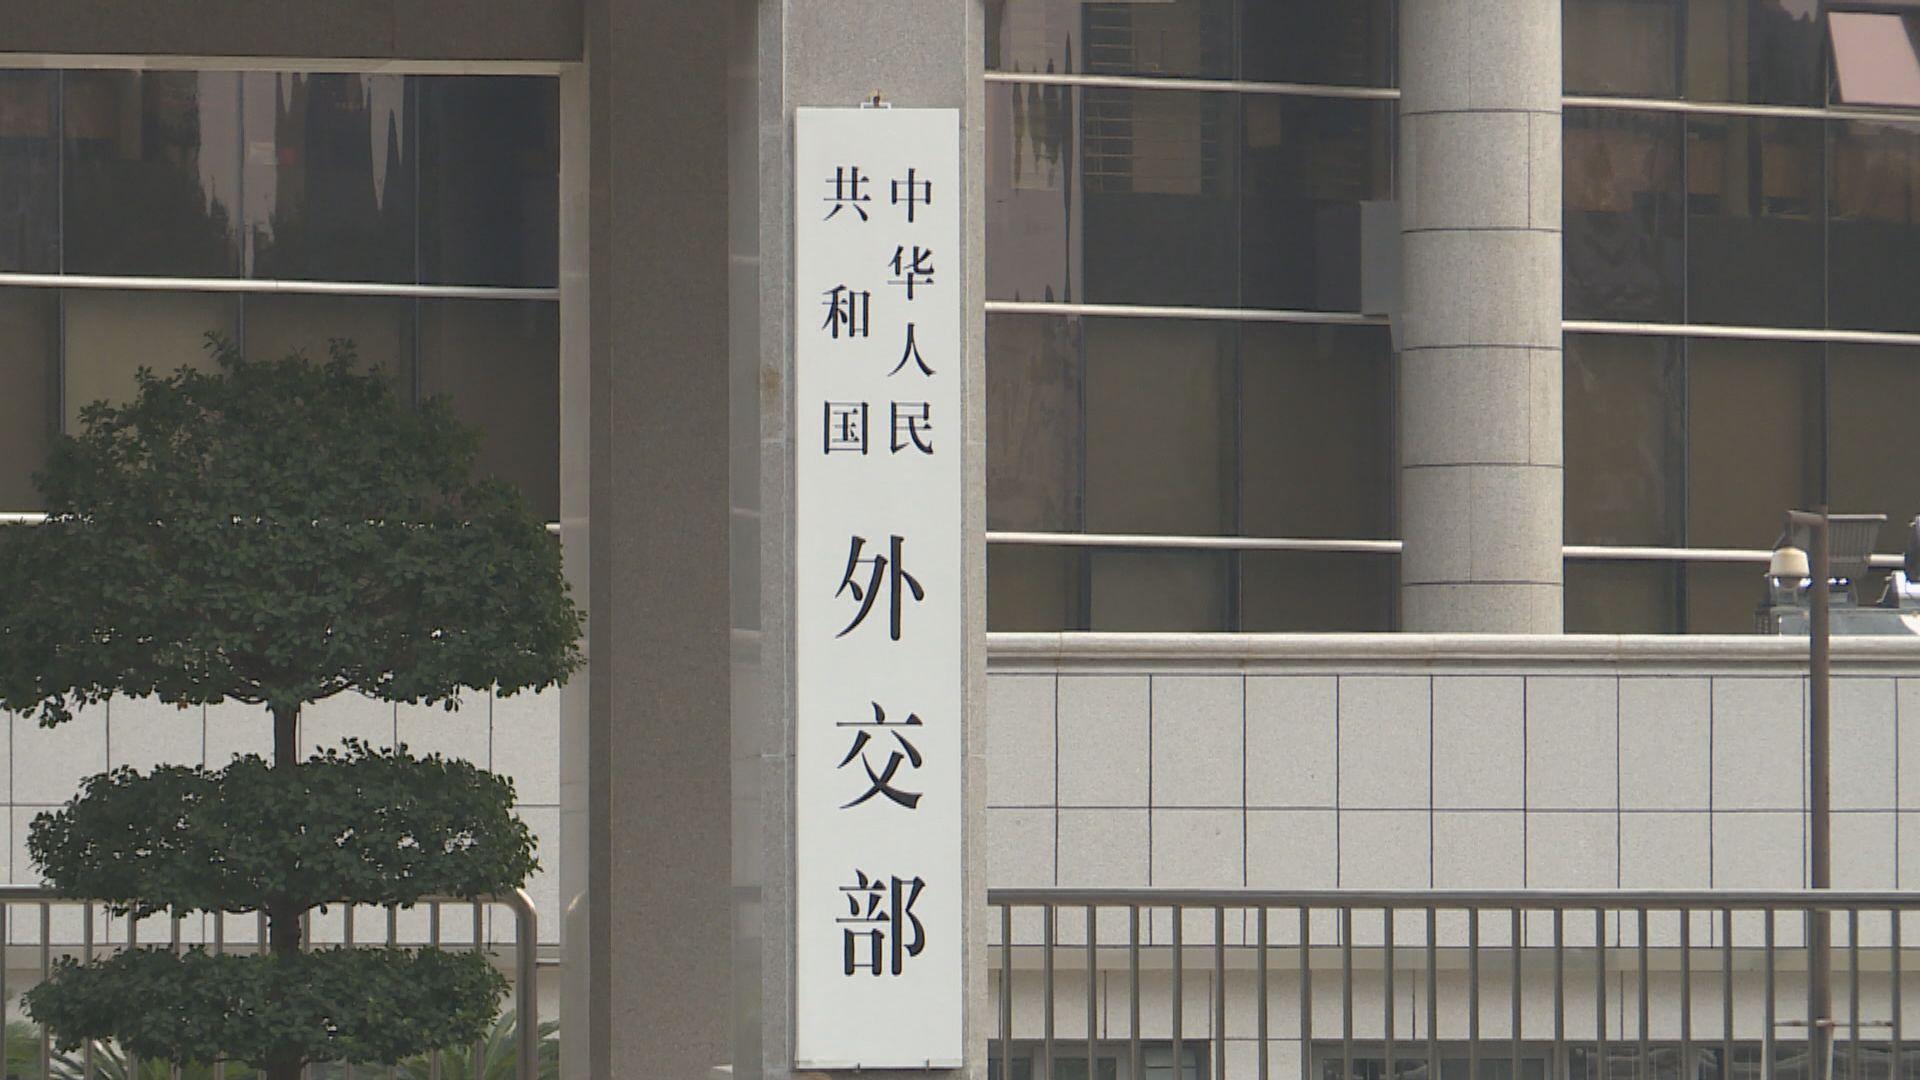 布林肯促釋放709被捕人士 外交部批干涉中國內政